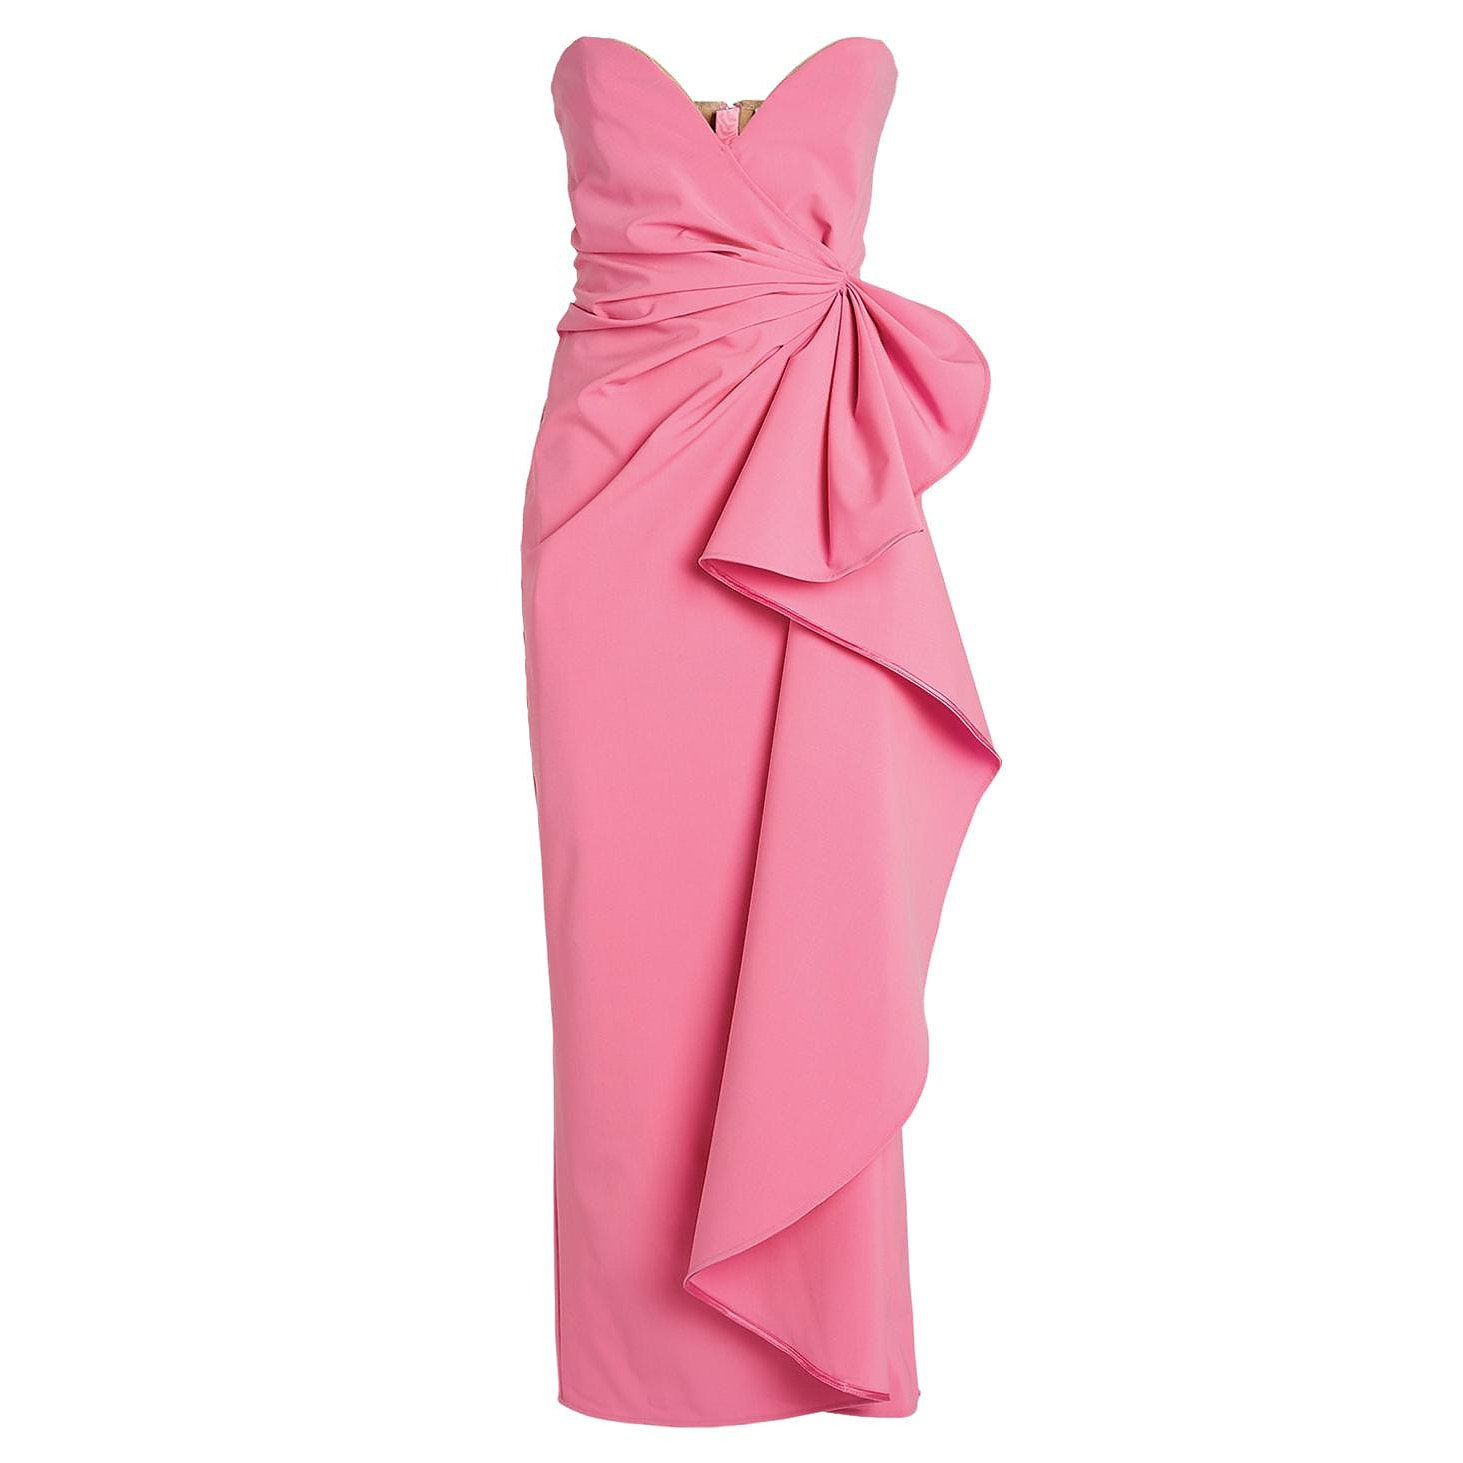 The Attico Strapless Drape Gown